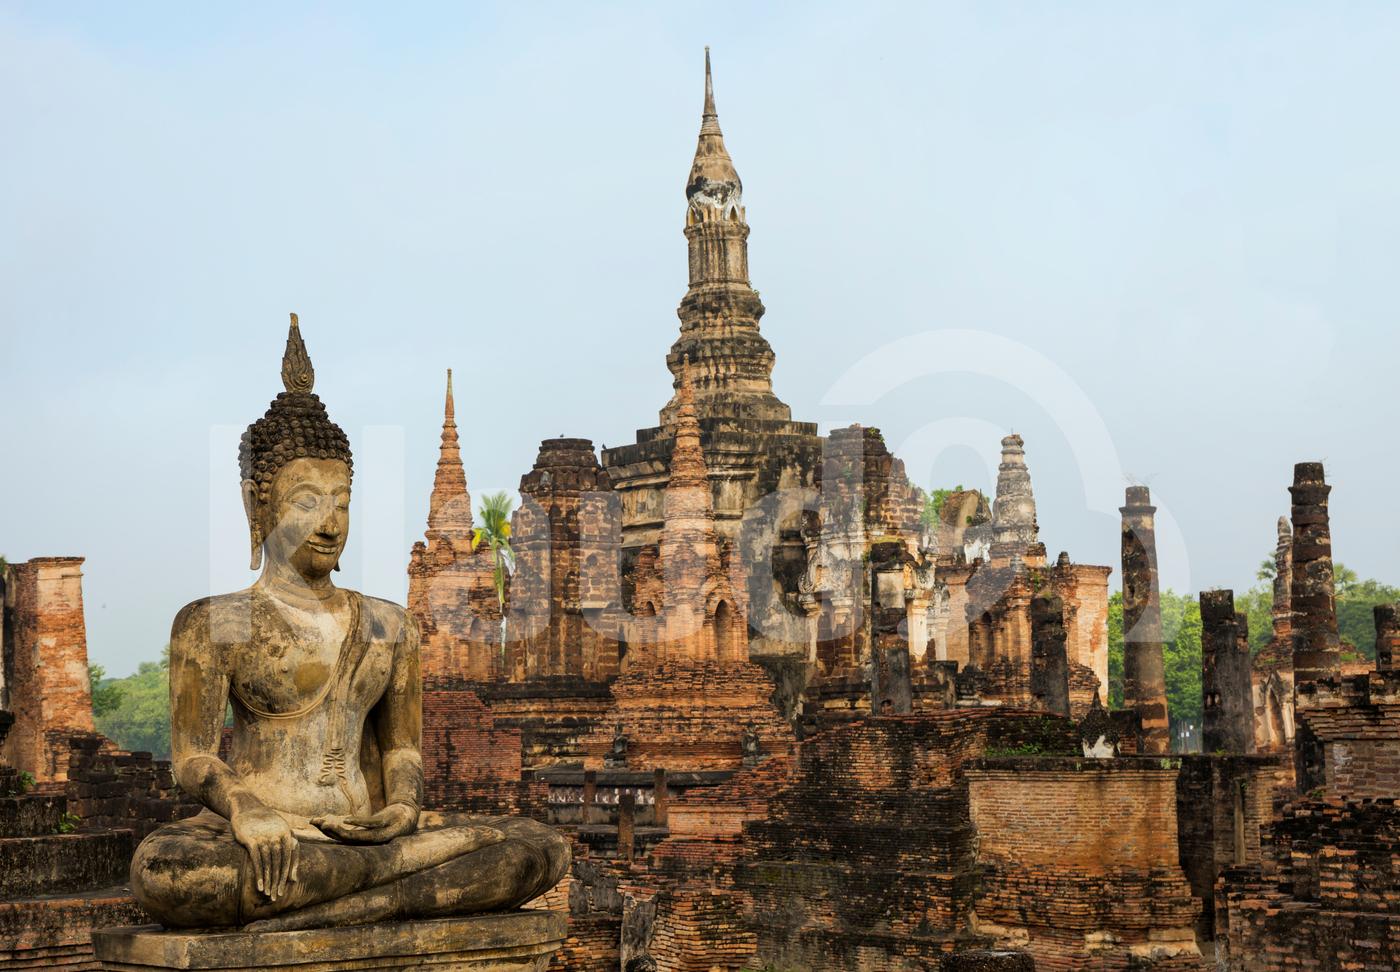 The Siam Kingdom Ruin